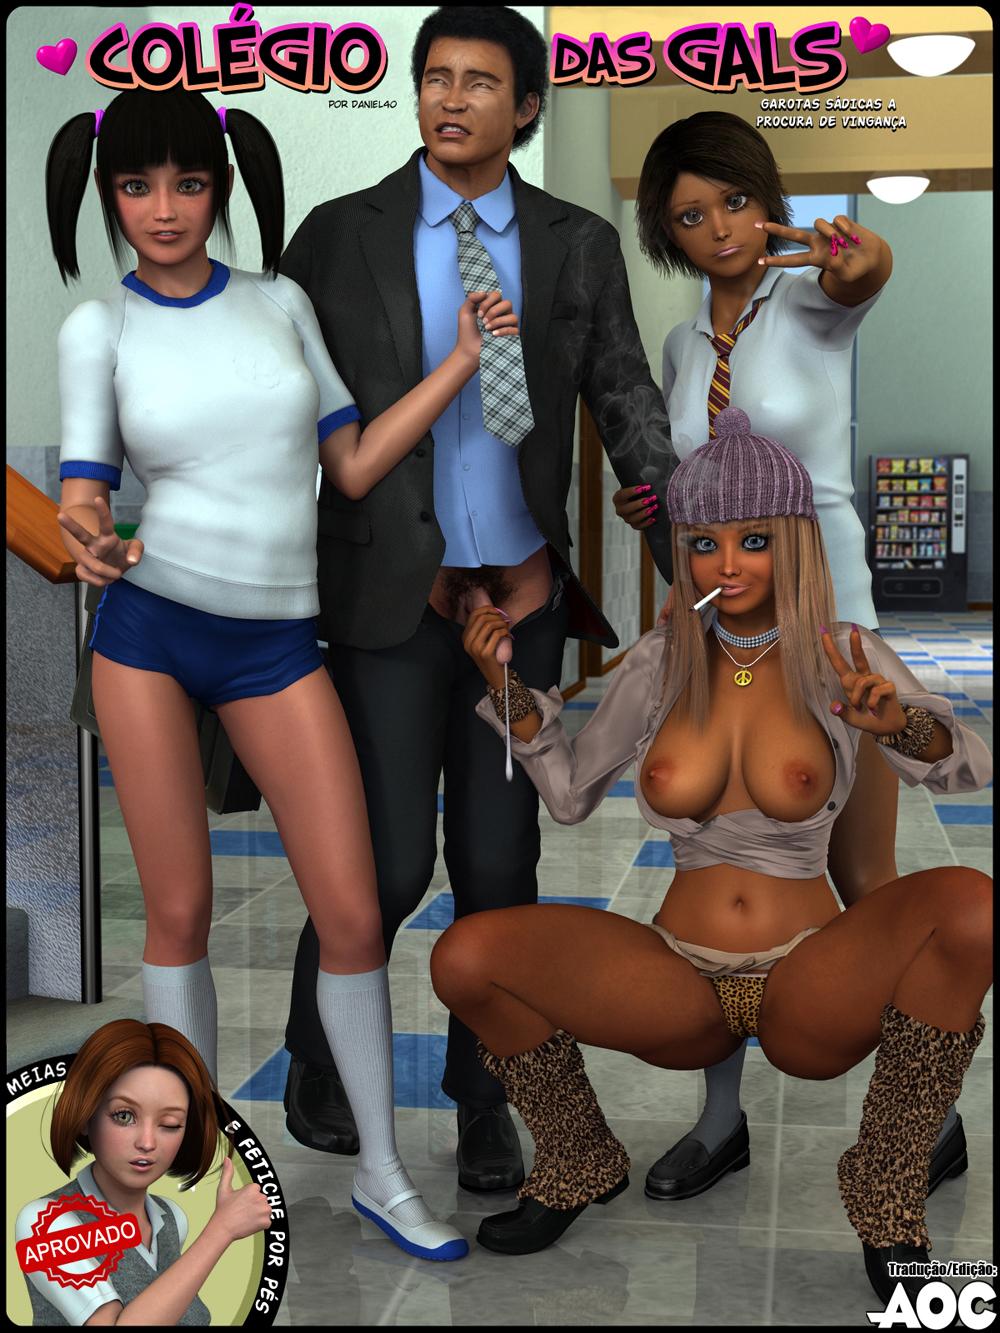 3D pornô Hentai colégio das garotas sádicas